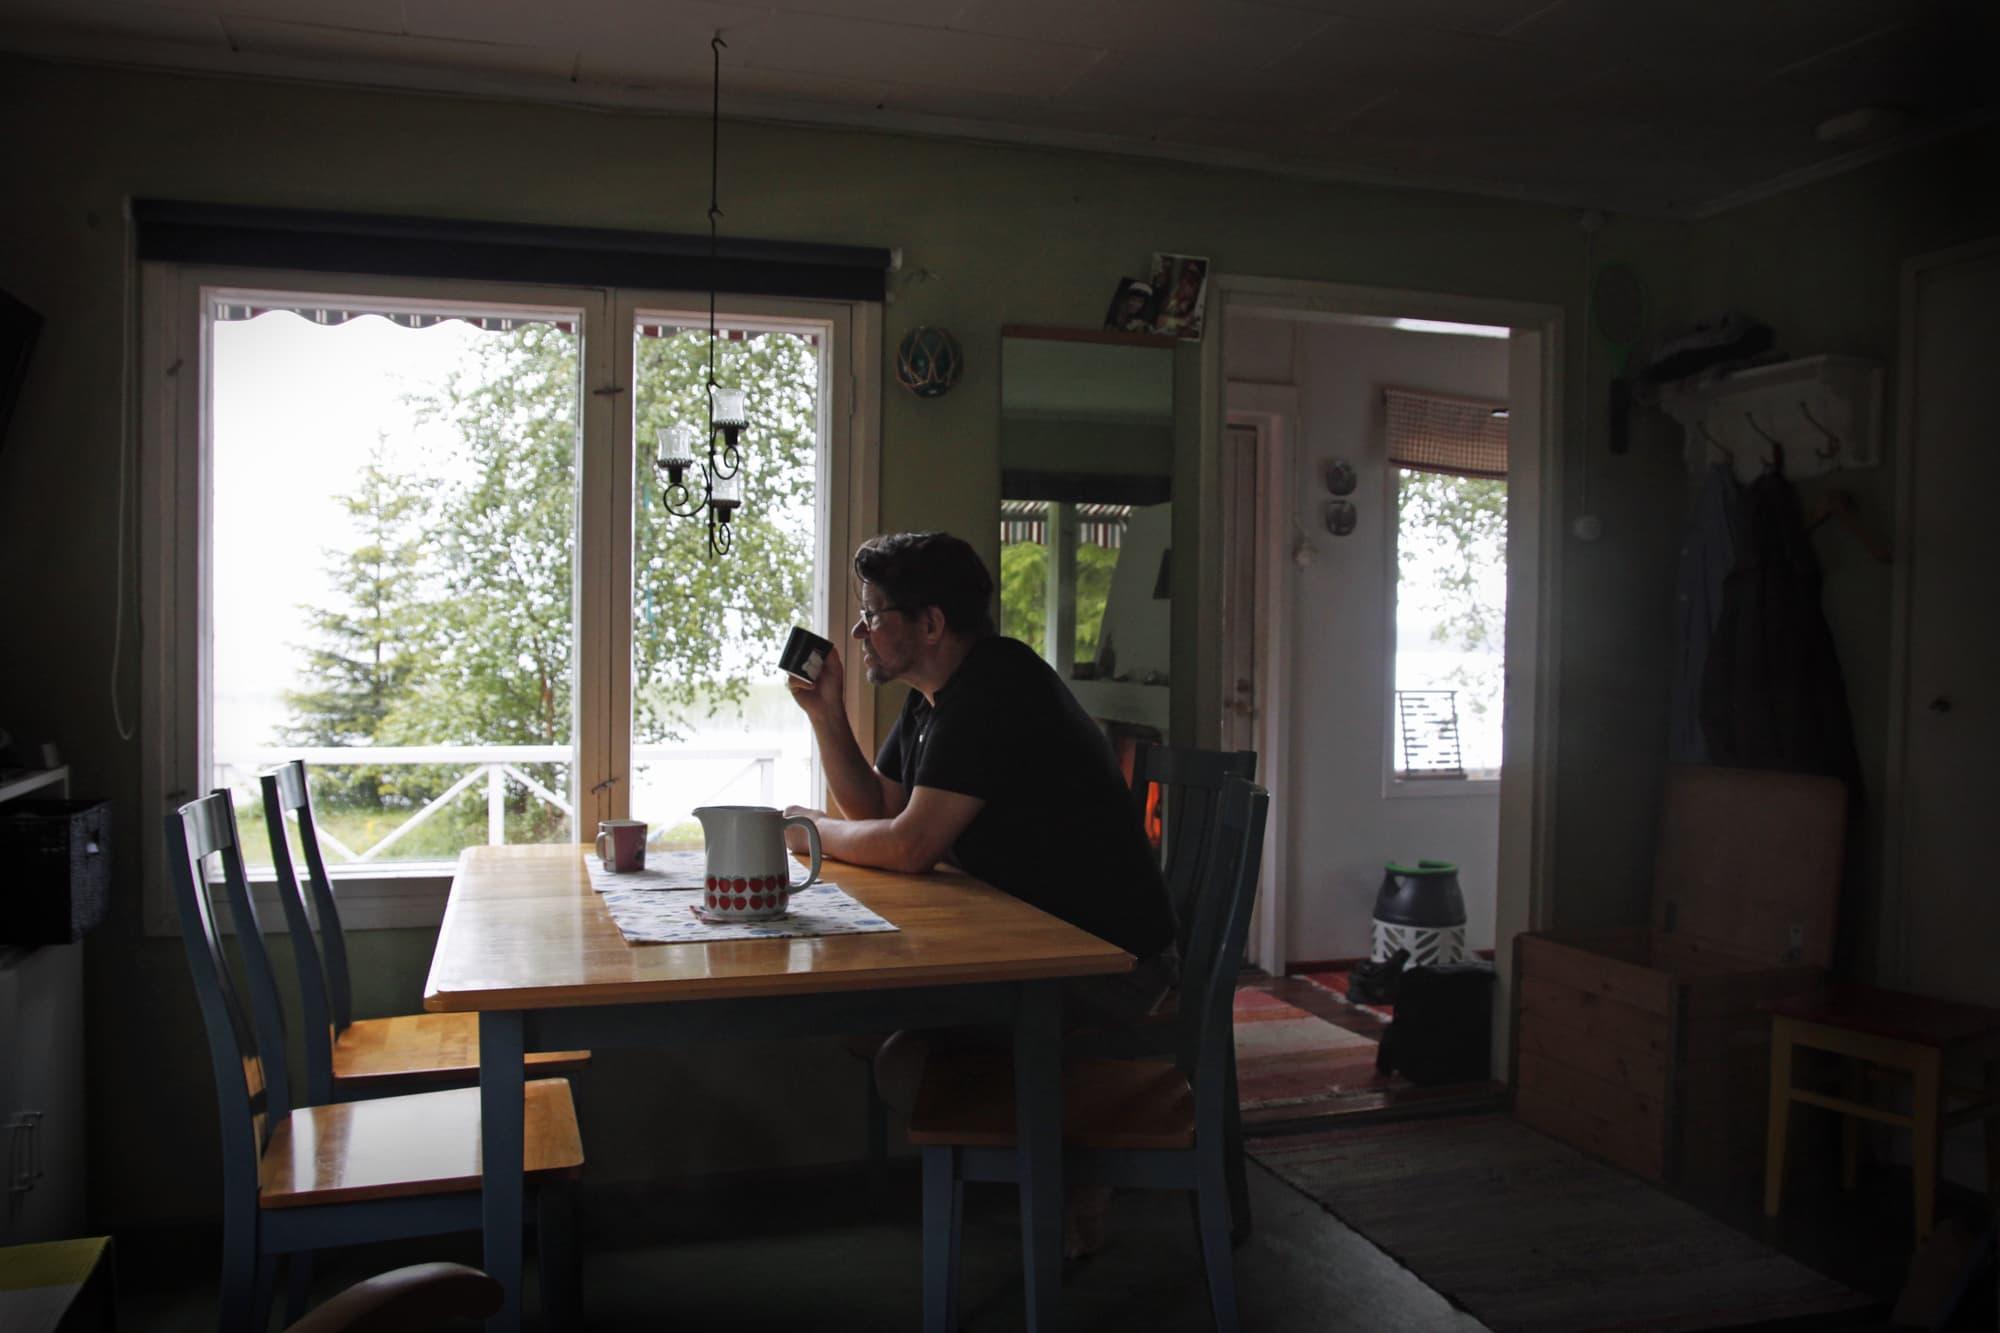 Rovaniemeläinen Markku Köngäs on viettänyt Norvajärven mökillä koko kesän. Takkapuita on mennyt enemmän kuin koskaan kesällä, Köngäs kertoo.